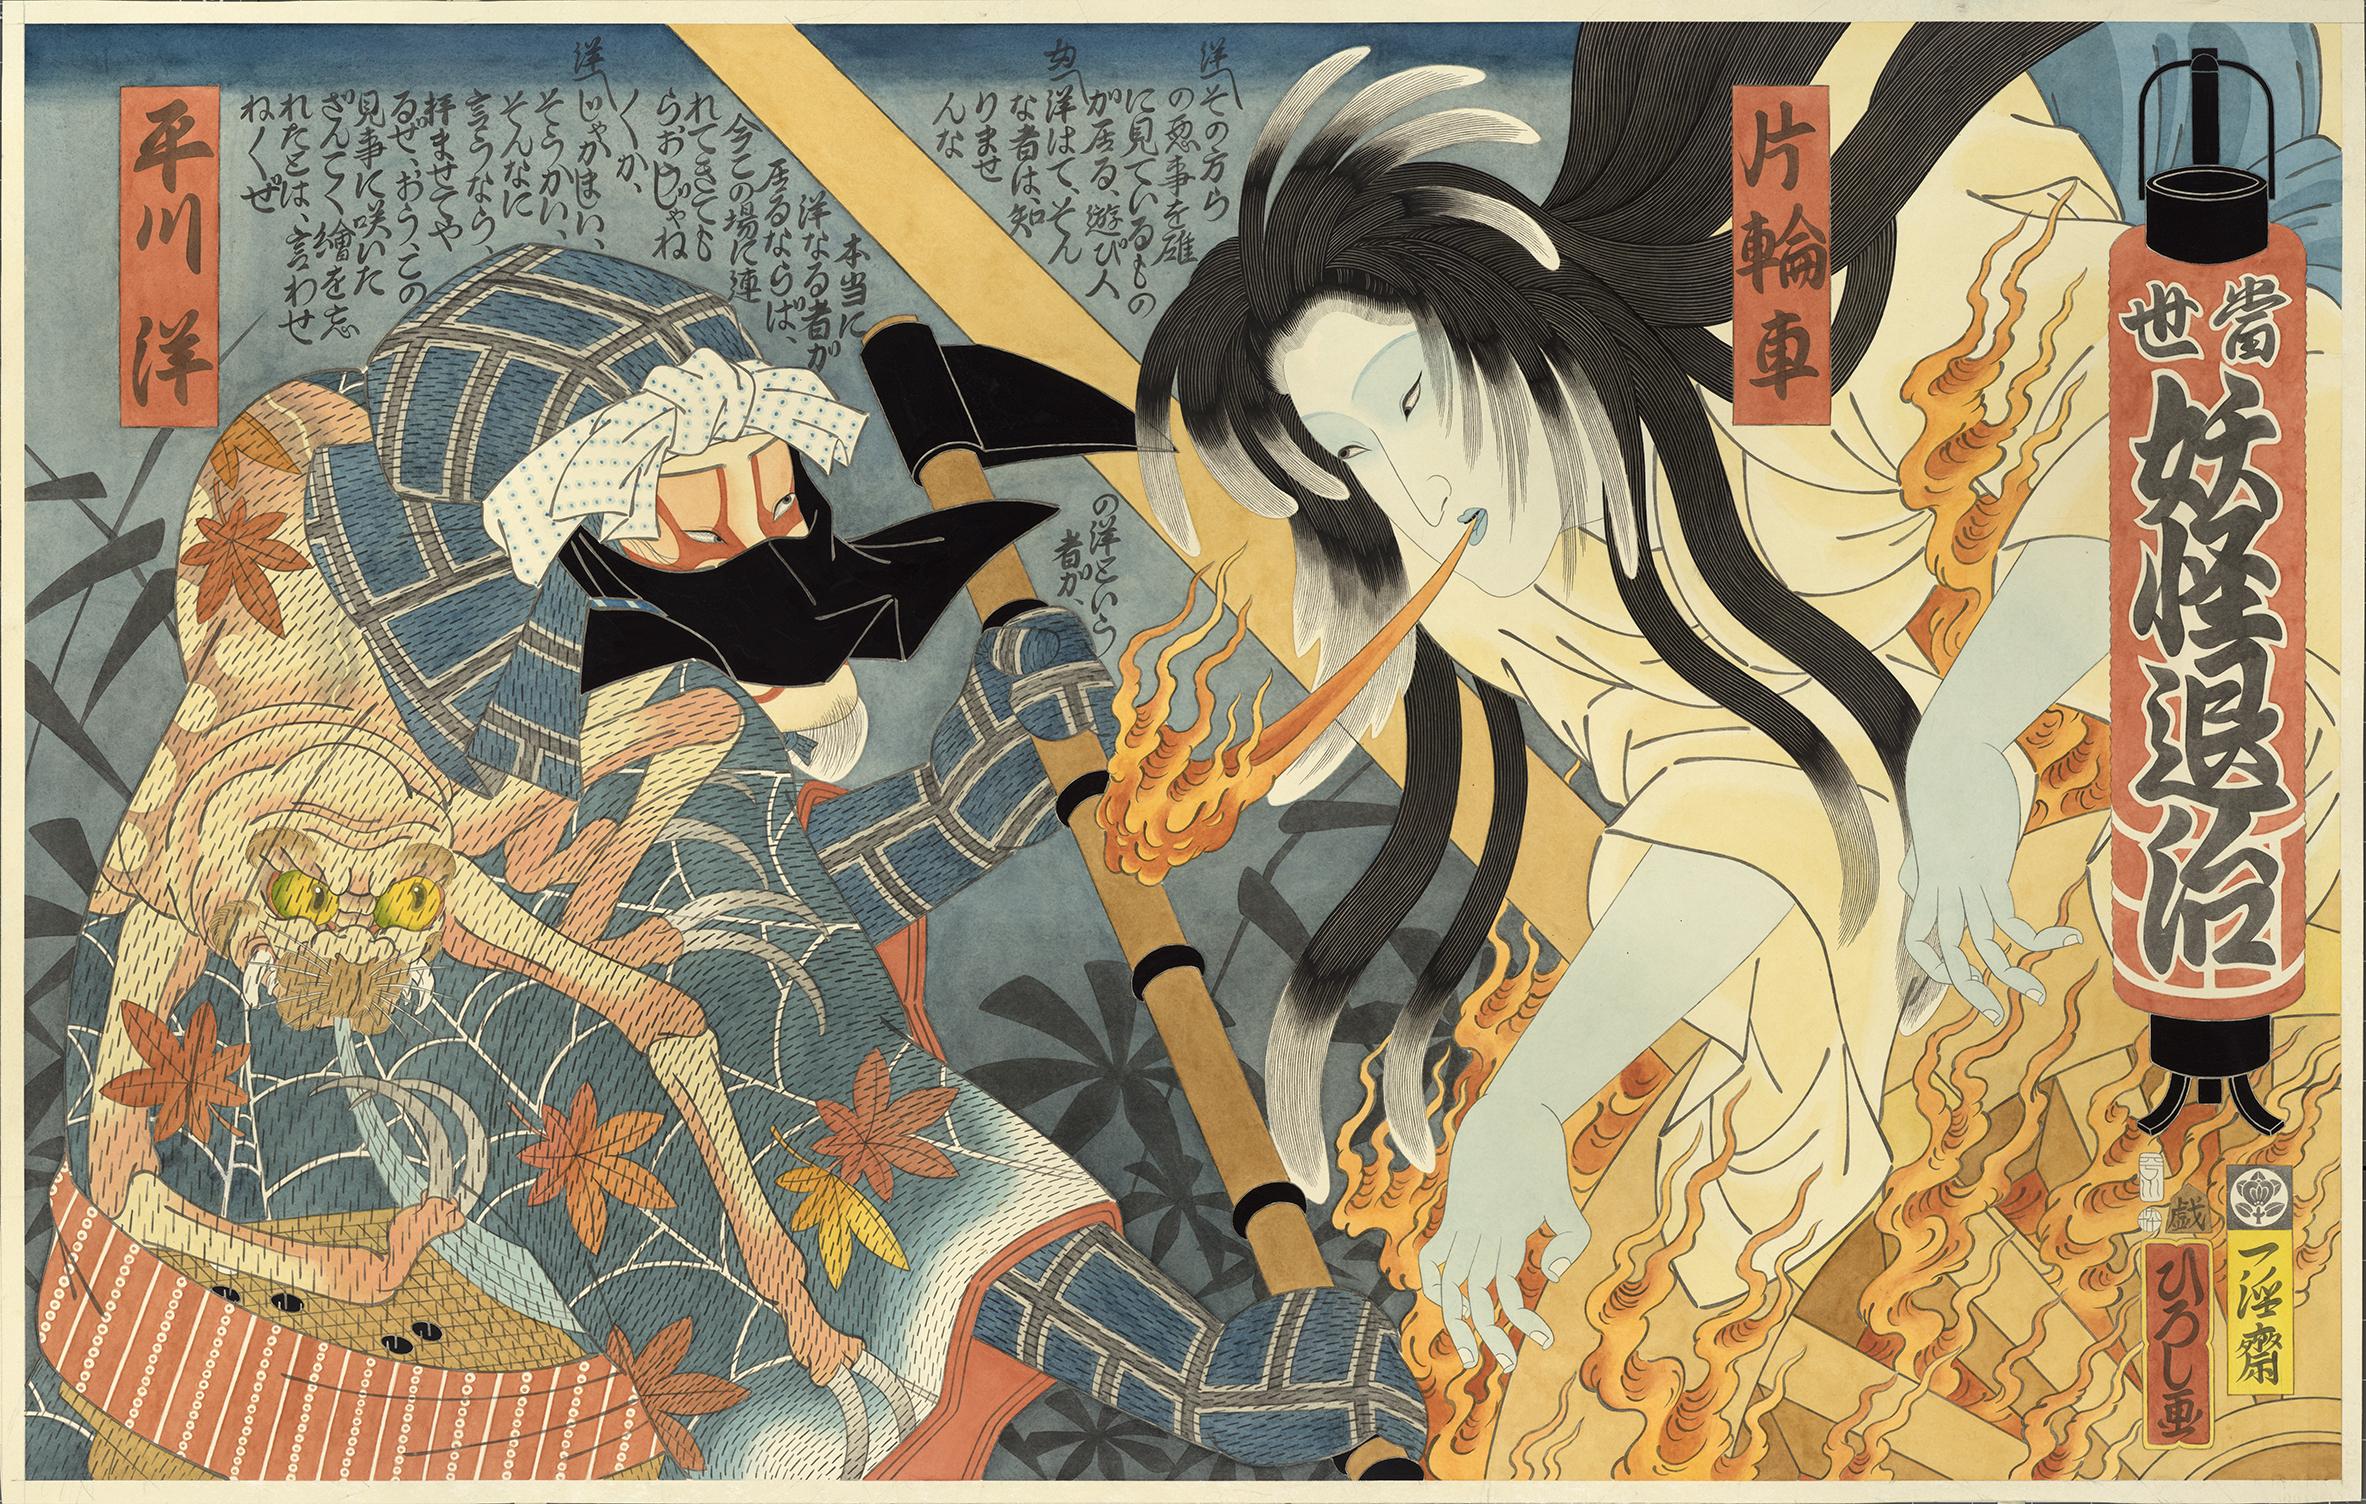 """""""Tosei Yokai Taiji"""" (Ghost Hunter) 20 in. x 31.5 in. Limited Edition of 10"""